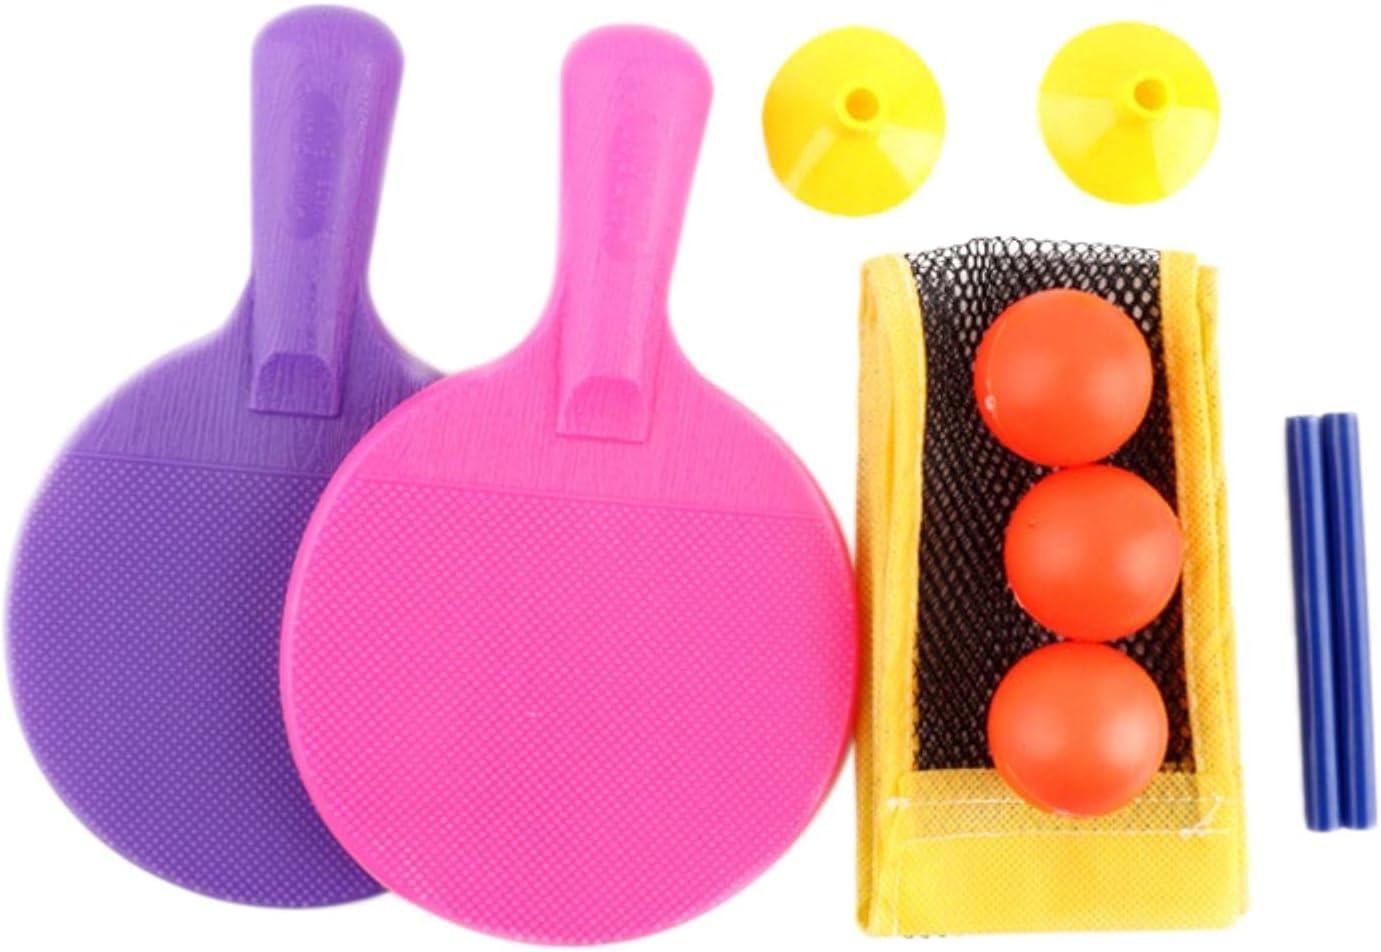 LCK Conjunto de Tenis de Mesa Paddle Training Indoor al Aire Libre Juegos de Juguete para niños Inicio Net Raqueta Deportes Principiante 1 Juego